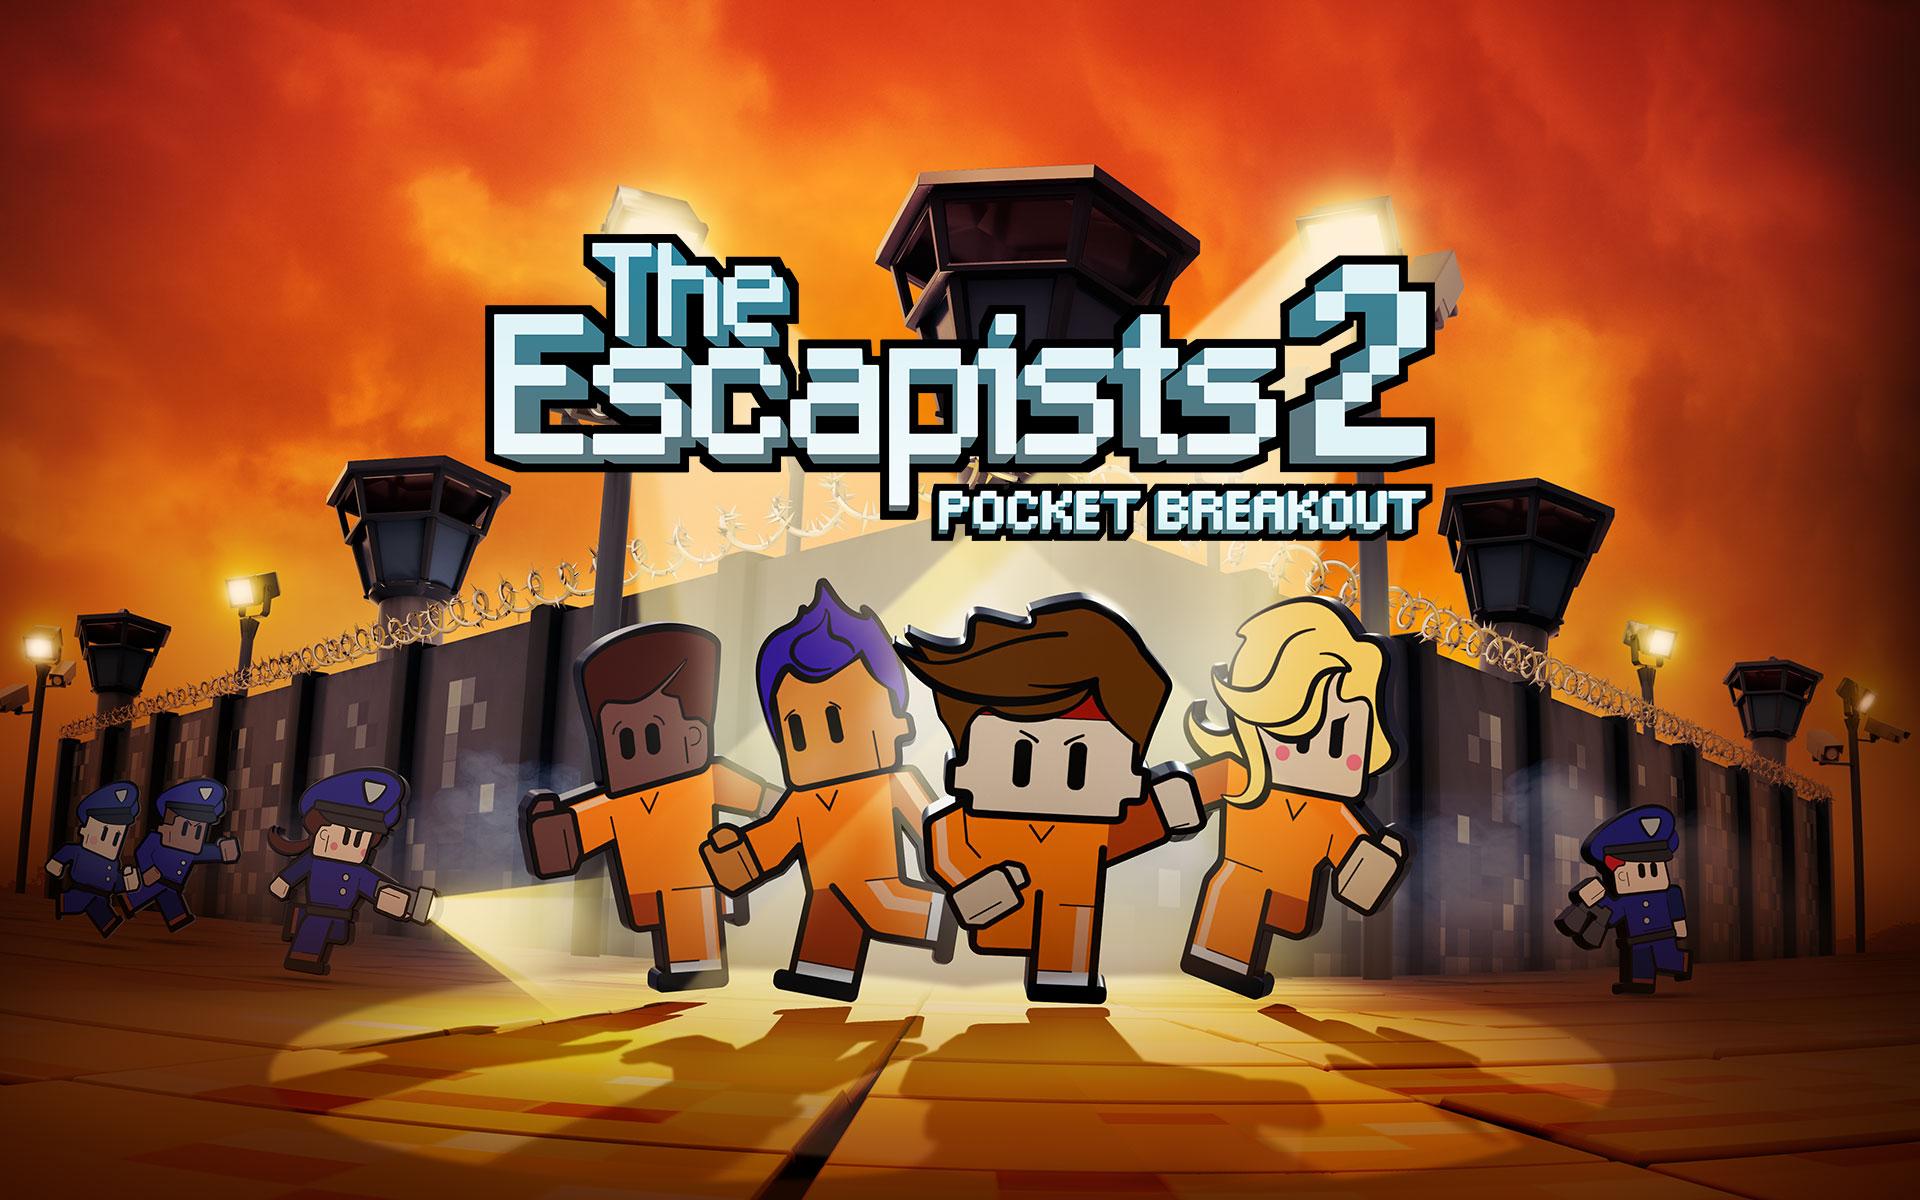 بازی آنلاین The Escapists 2